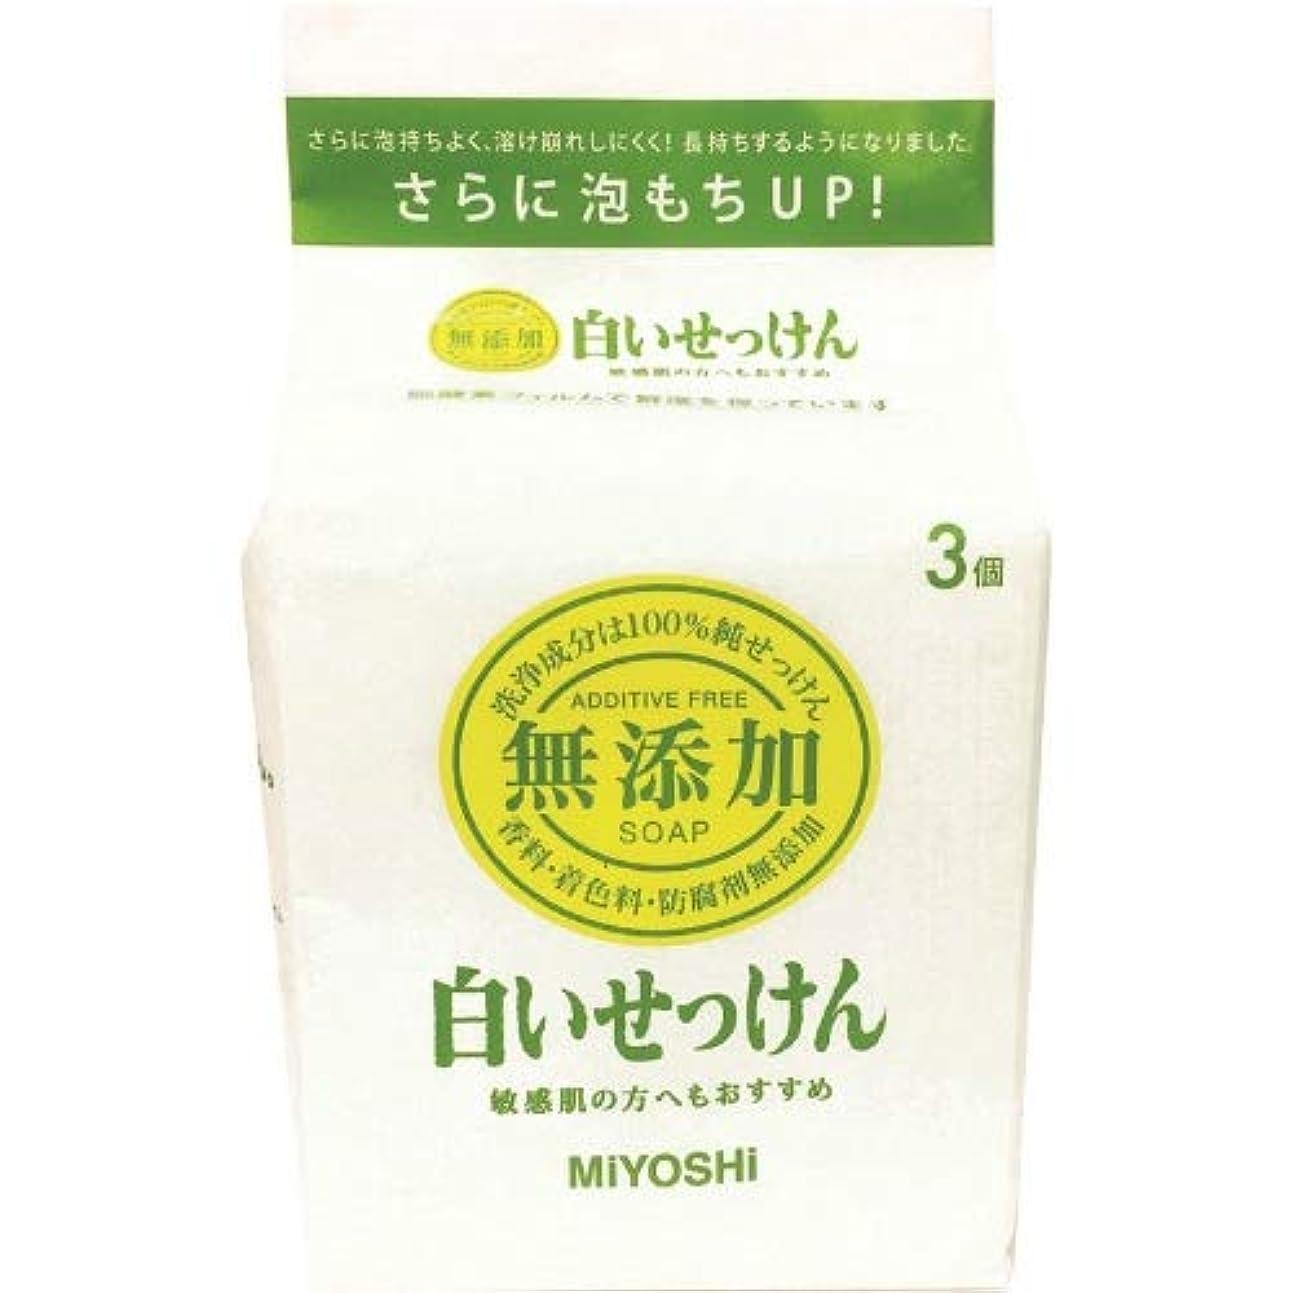 文排泄する売り手ミヨシ石鹸 MIYOSHI 無添加 白いせっけん 108g×3個入 ボディ用